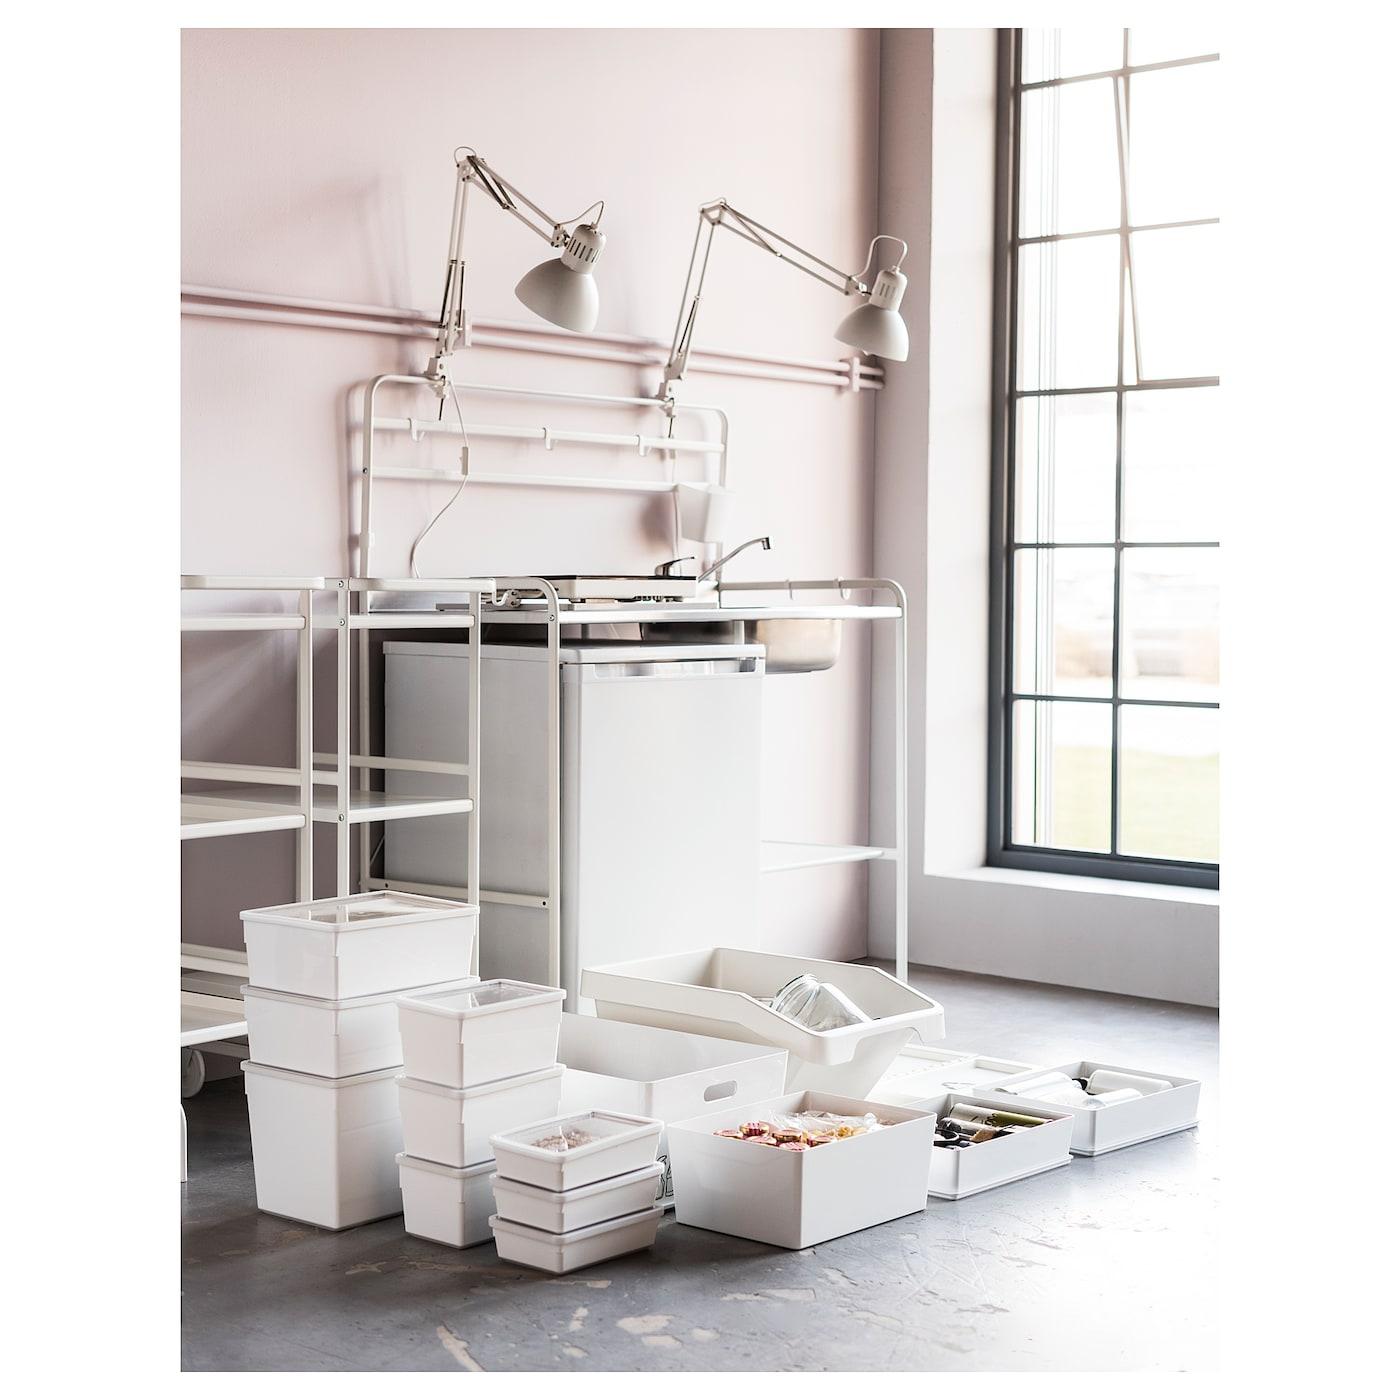 Full Size of Ikea Miniküchen Modulküche Miniküche Küche Kosten Sofa Mit Schlaffunktion Betten 160x200 Bei Kaufen Wohnzimmer Ikea Miniküchen